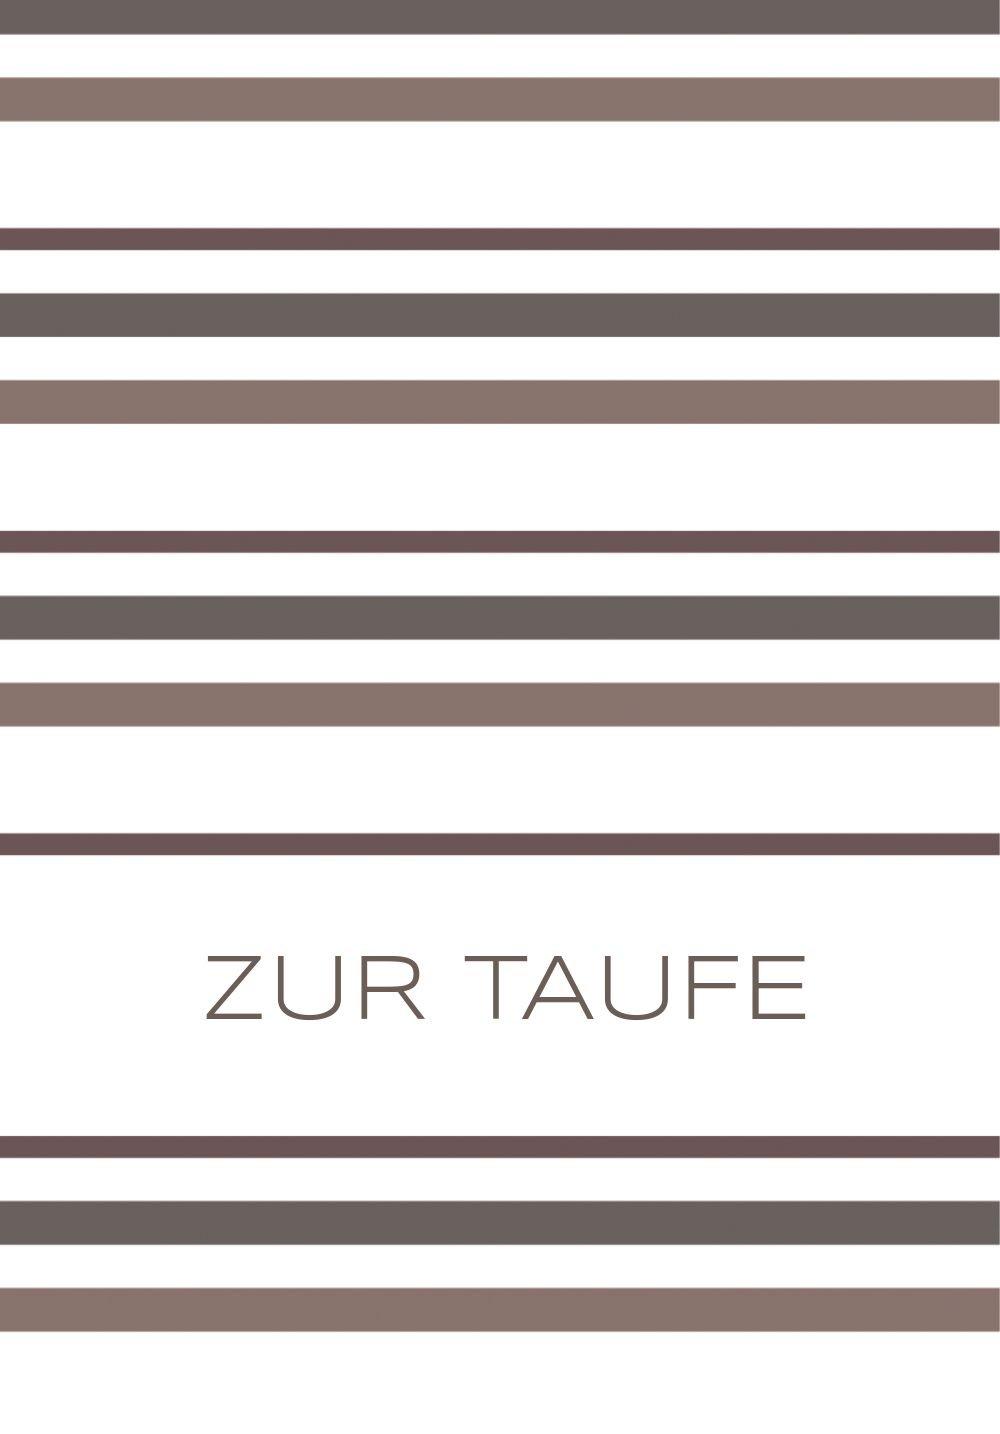 Kartenparadies Einladungskarte Taufeinladung Taufe line, hochwertige Einladung Einladung Einladung zur Taufe inklusive Umschläge   10 Karten - (Format  148x105 mm) Farbe  Lilamatt B01MUGKSF1 | Produktqualität  | Schön geformt  | Elegant Und Würdevoll  43fd69